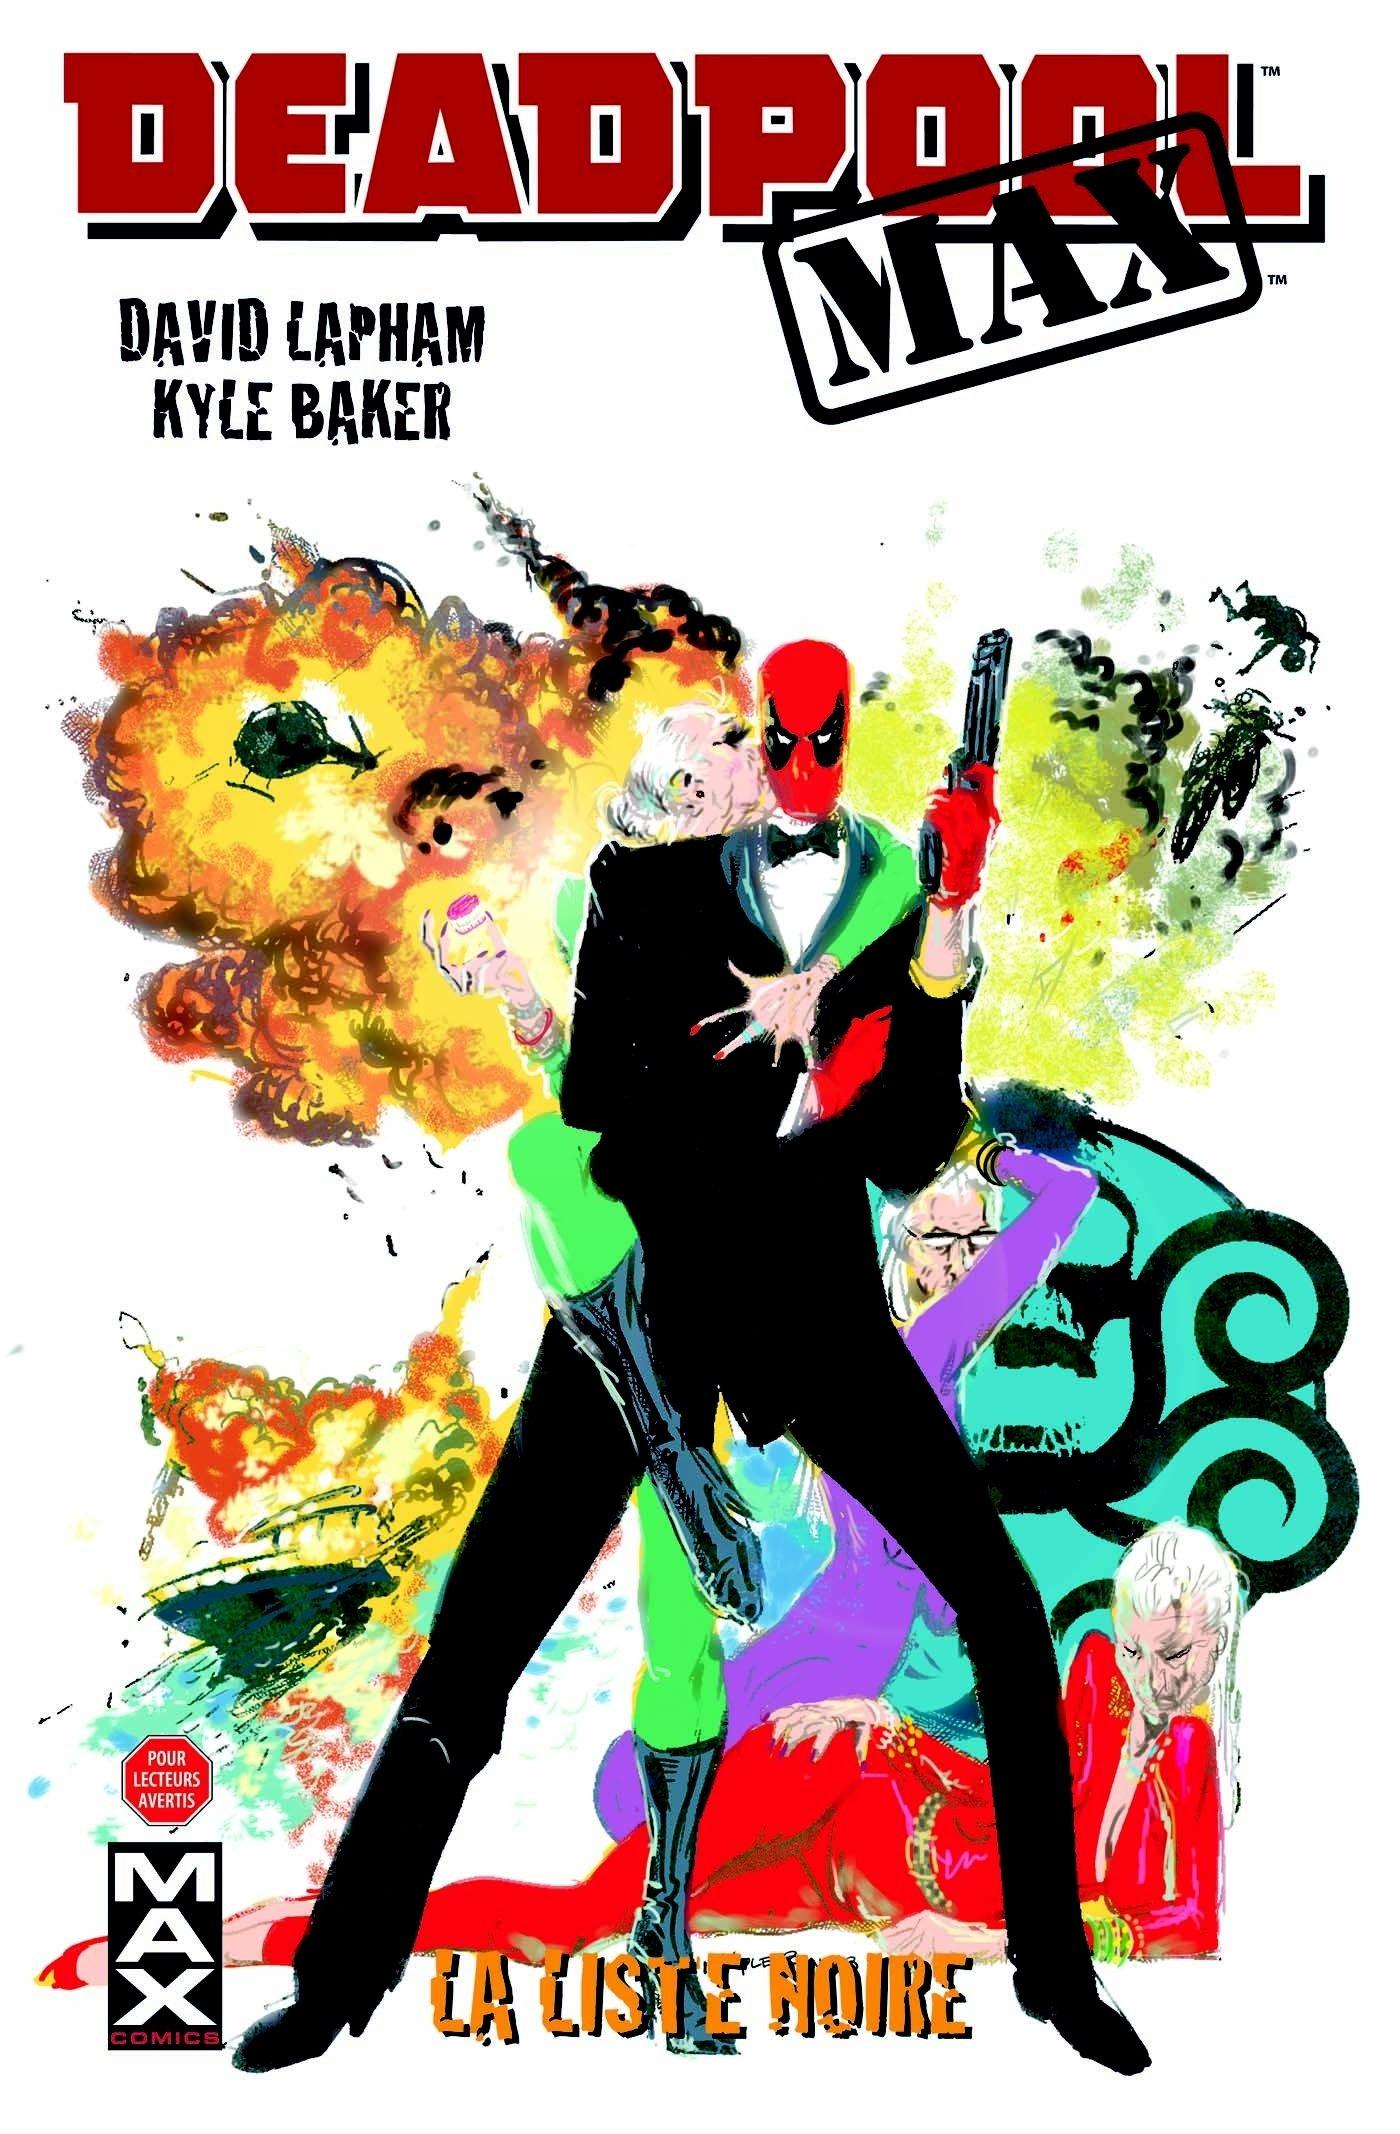 Deadpool max T03: La liste noire Album – 16 janvier 2013 Kyle Baker Shawn Crystal Lee Loughridge David Lapham